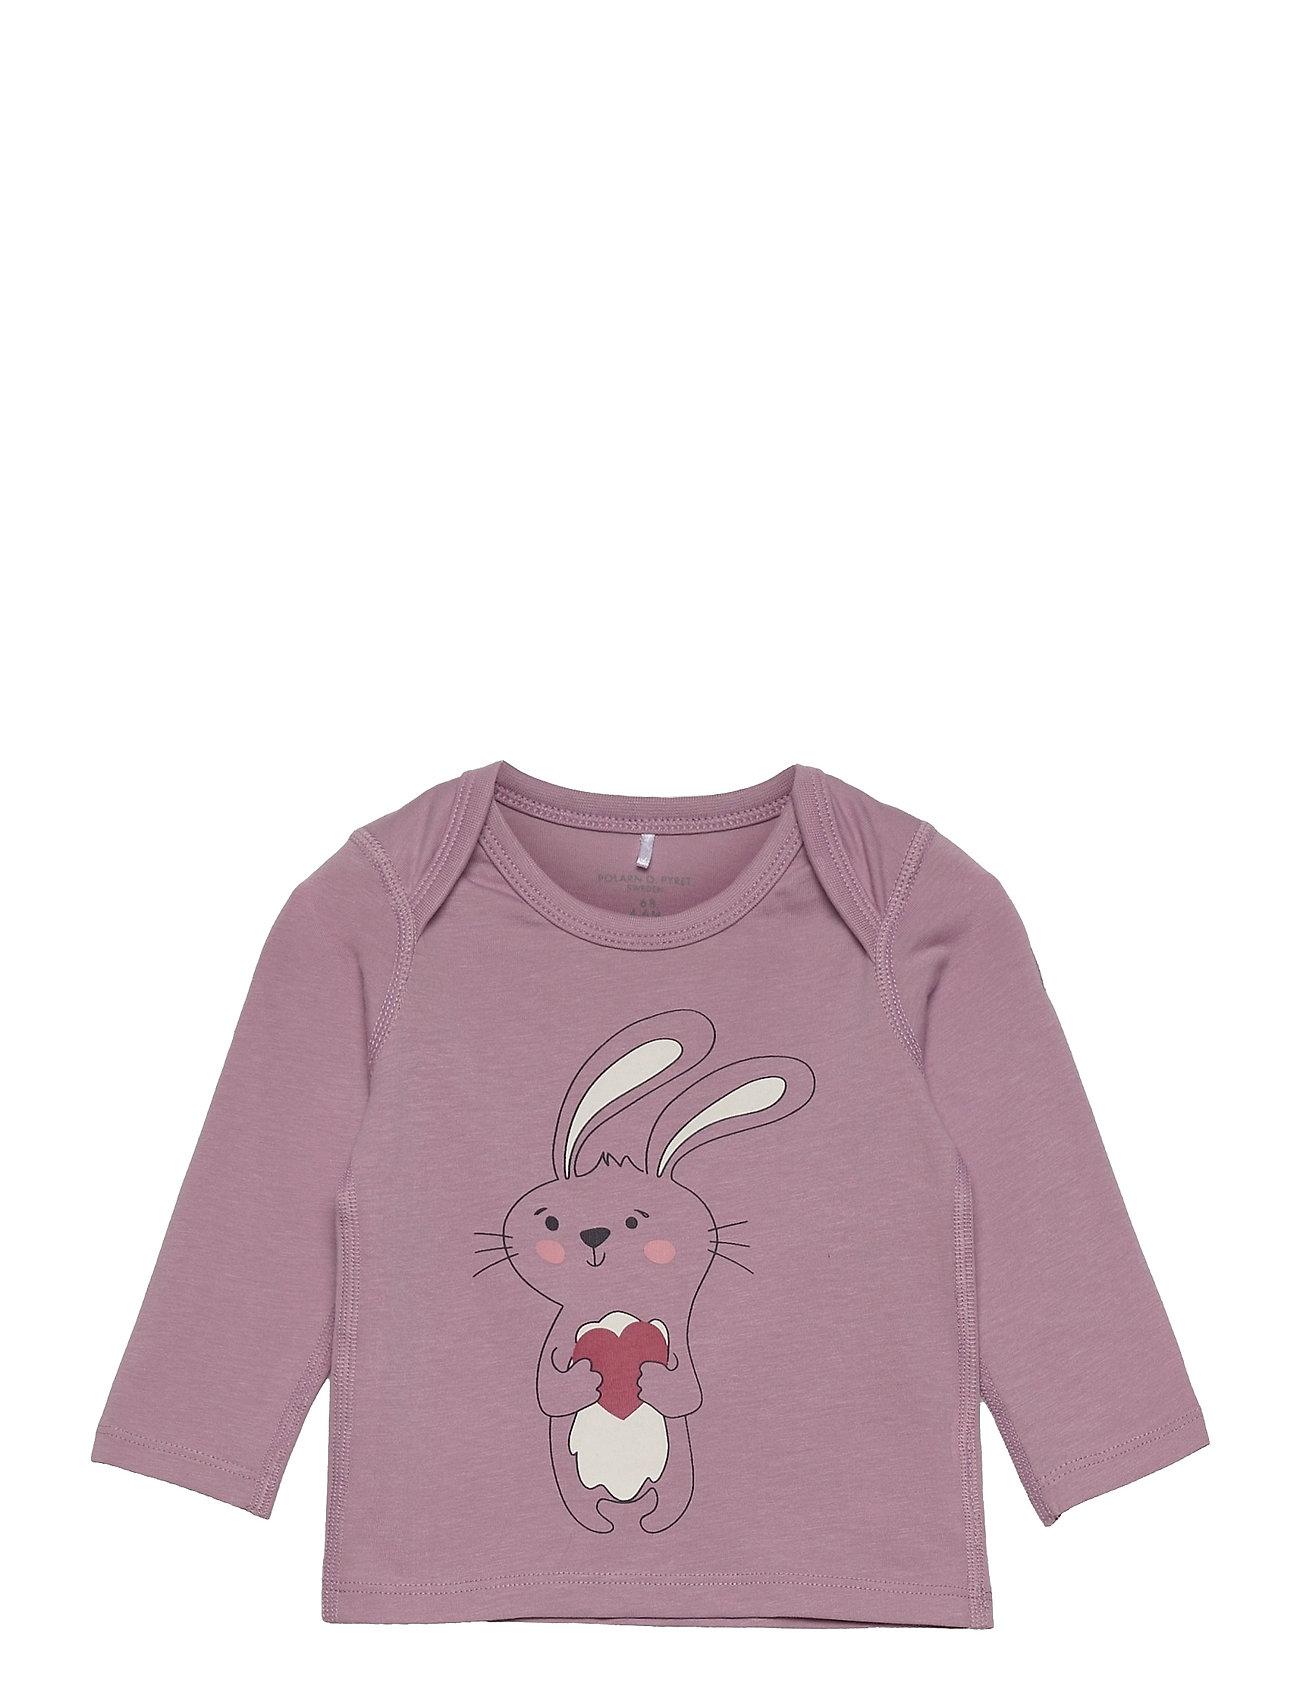 Top L/S Printed Baby Langærmet T-shirt Lyserød Polarn O. Pyret